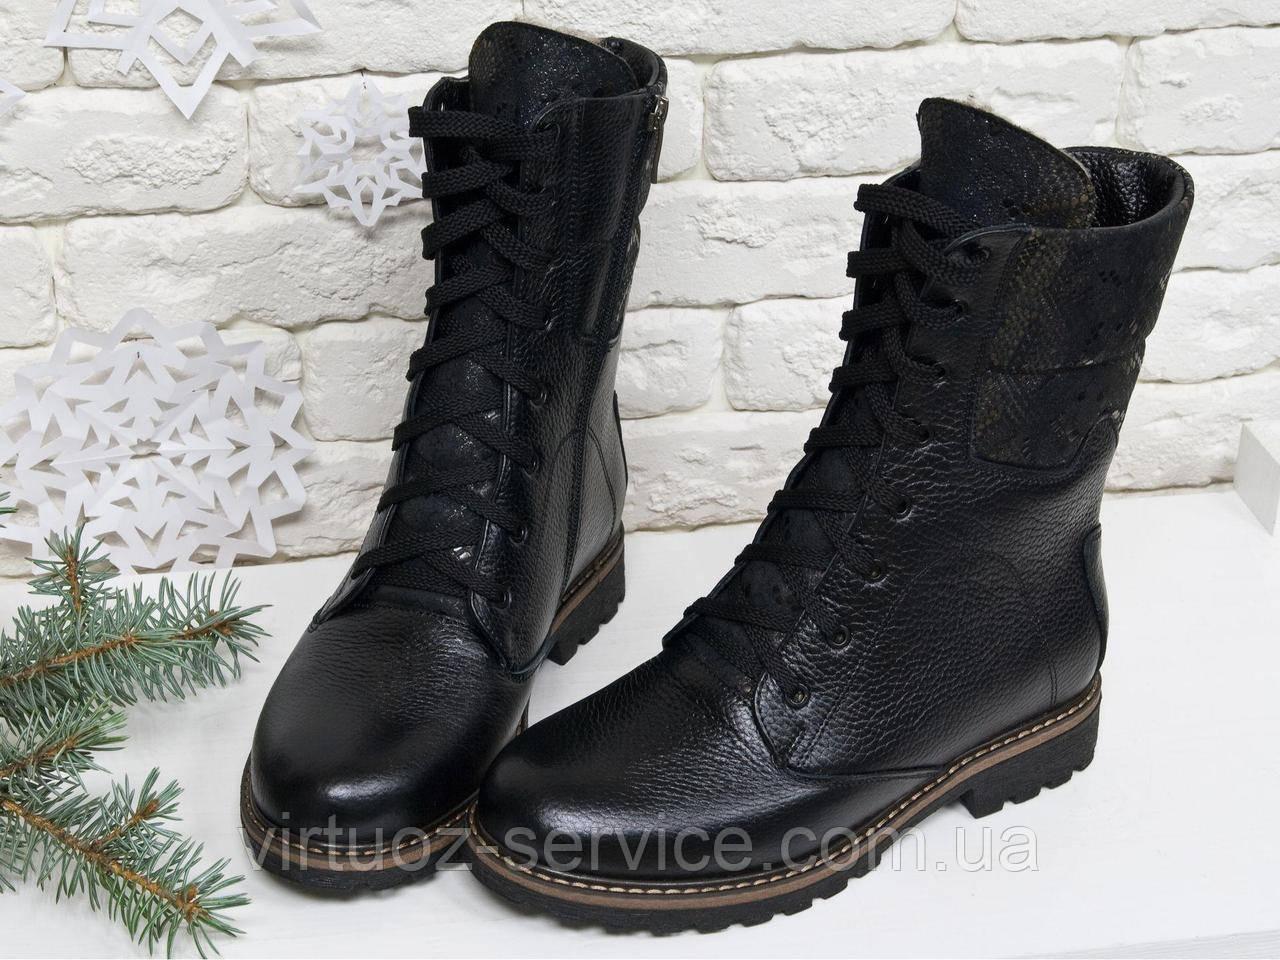 Ботинки женские Gino Figini Б-44-03 из натуральной кожи 39 Черный